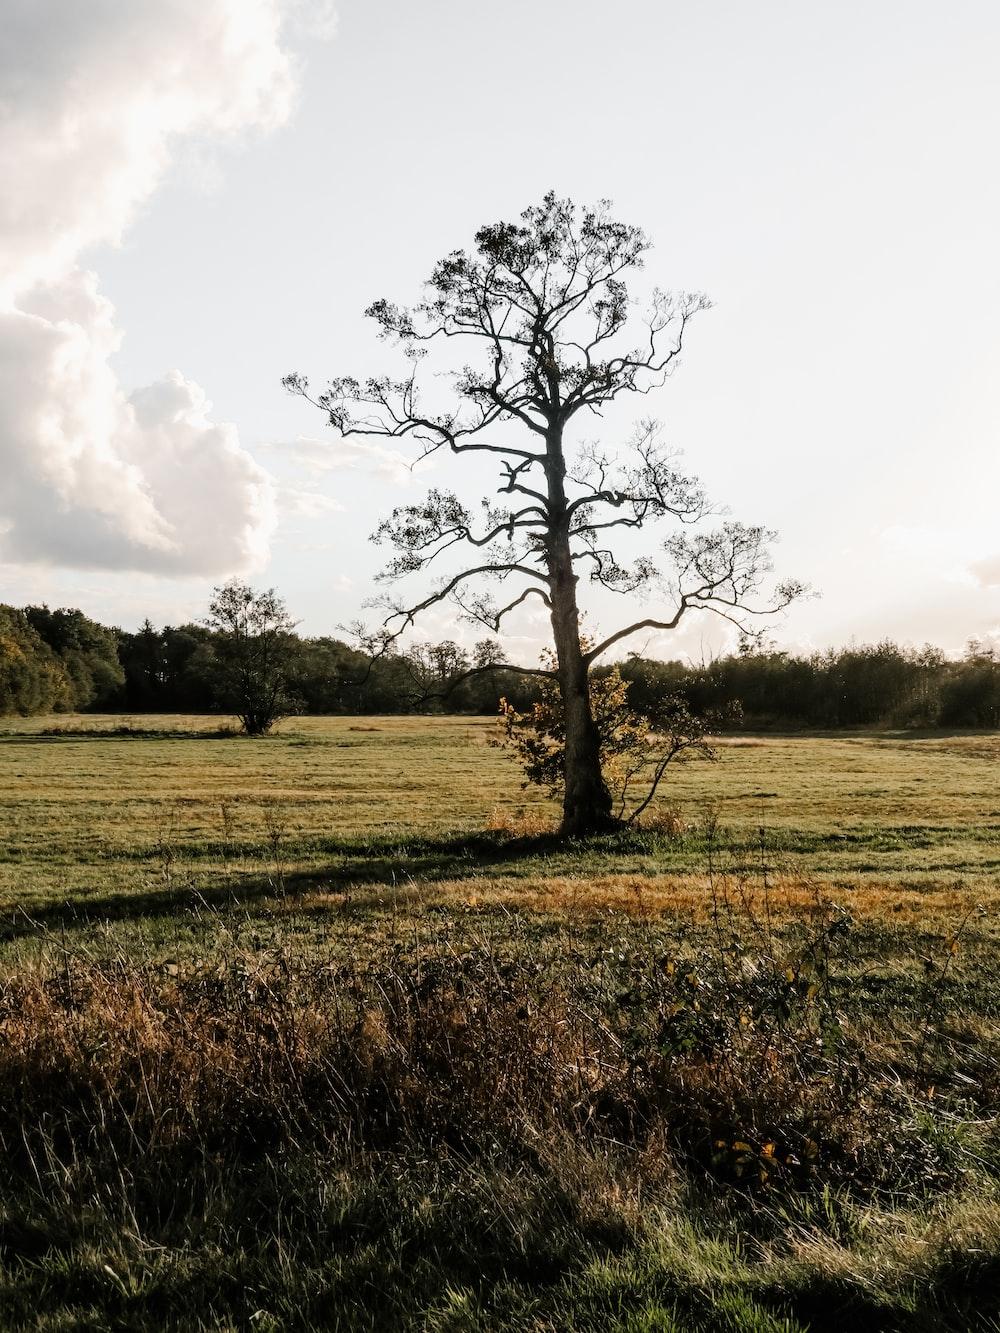 tree on landscape field